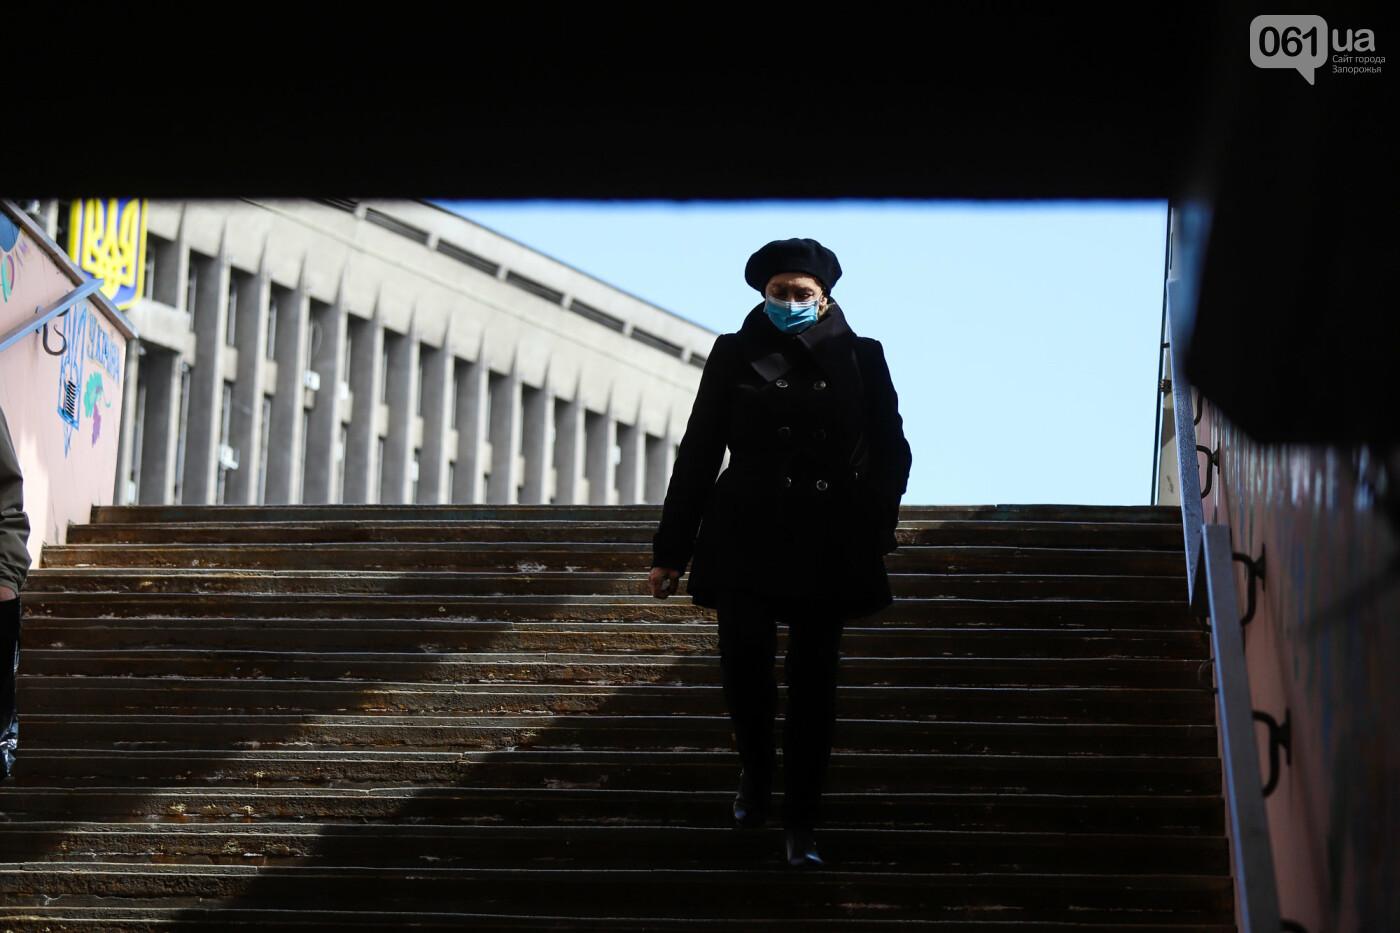 Вход только в масках: как выглядит Запорожье на карантине, - ФОТОРЕПОРТАЖ, фото-15